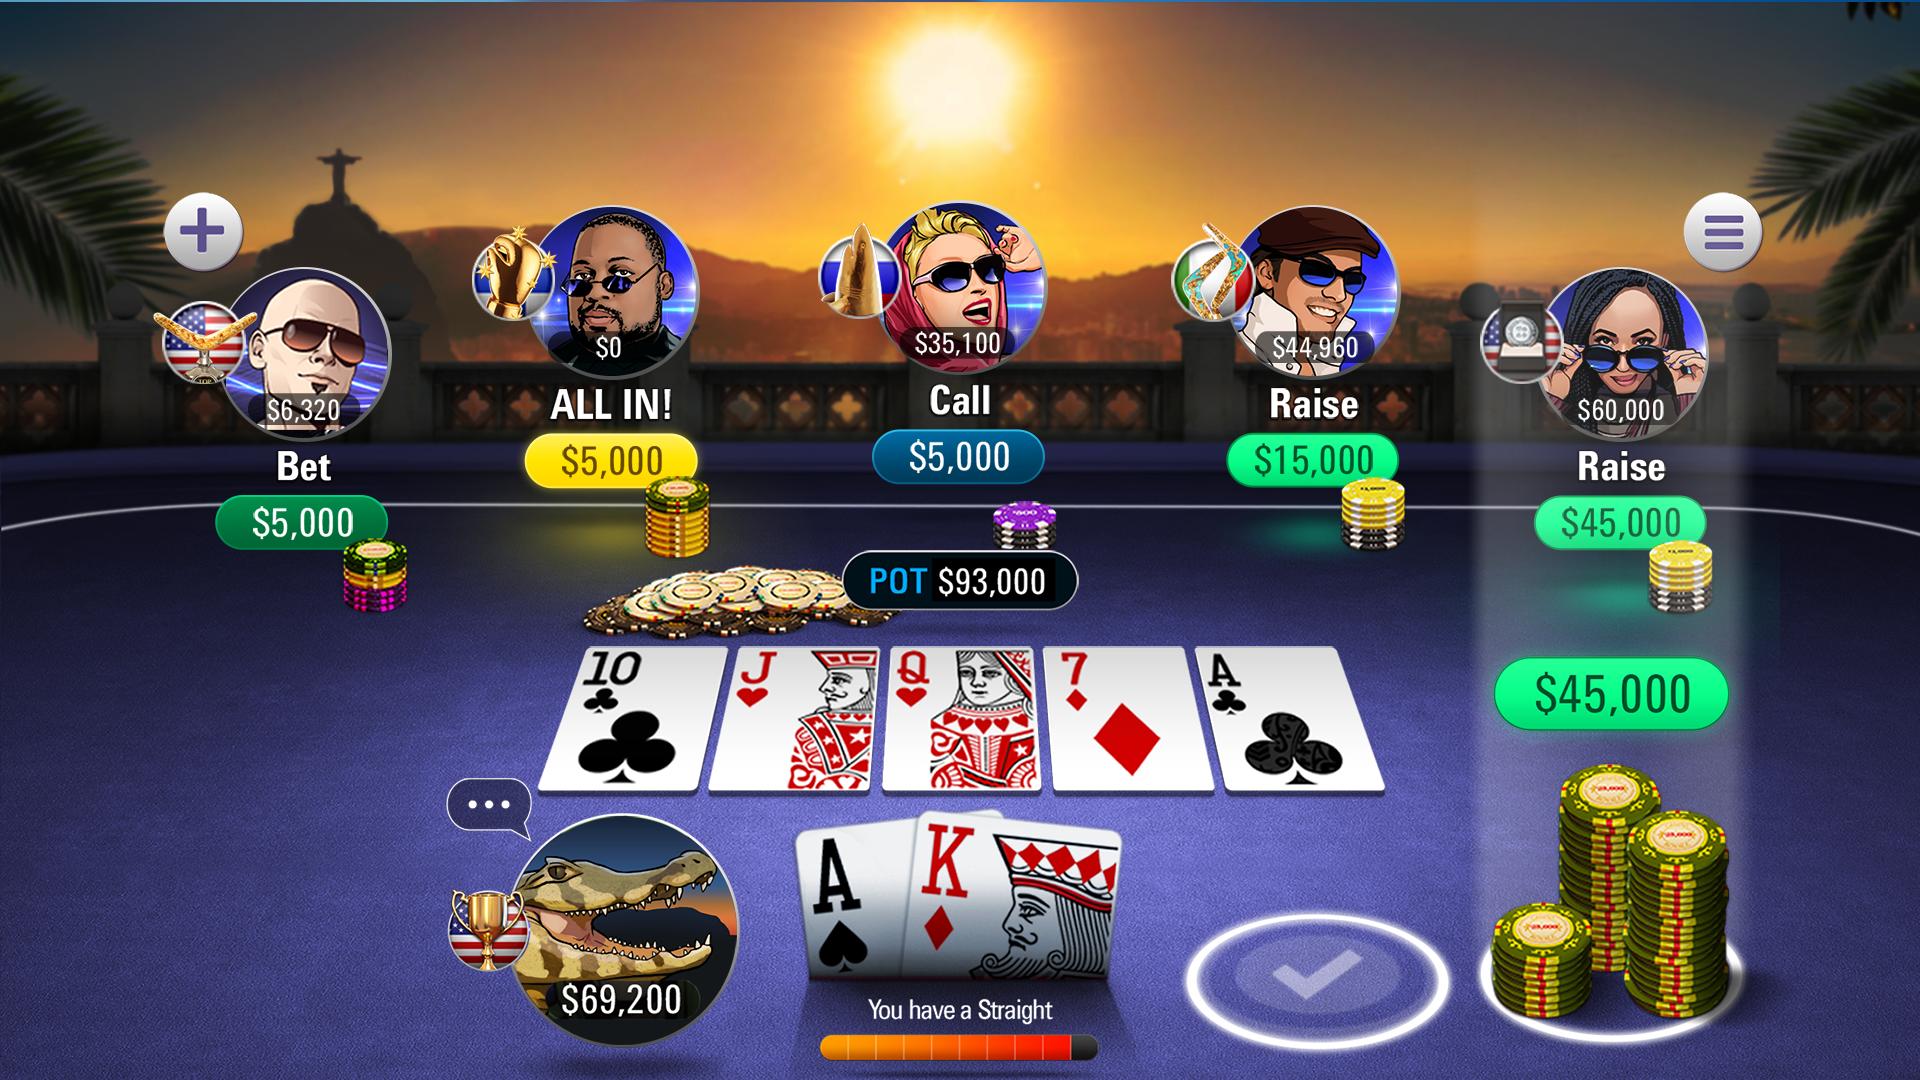 Pokerstars casino games not working